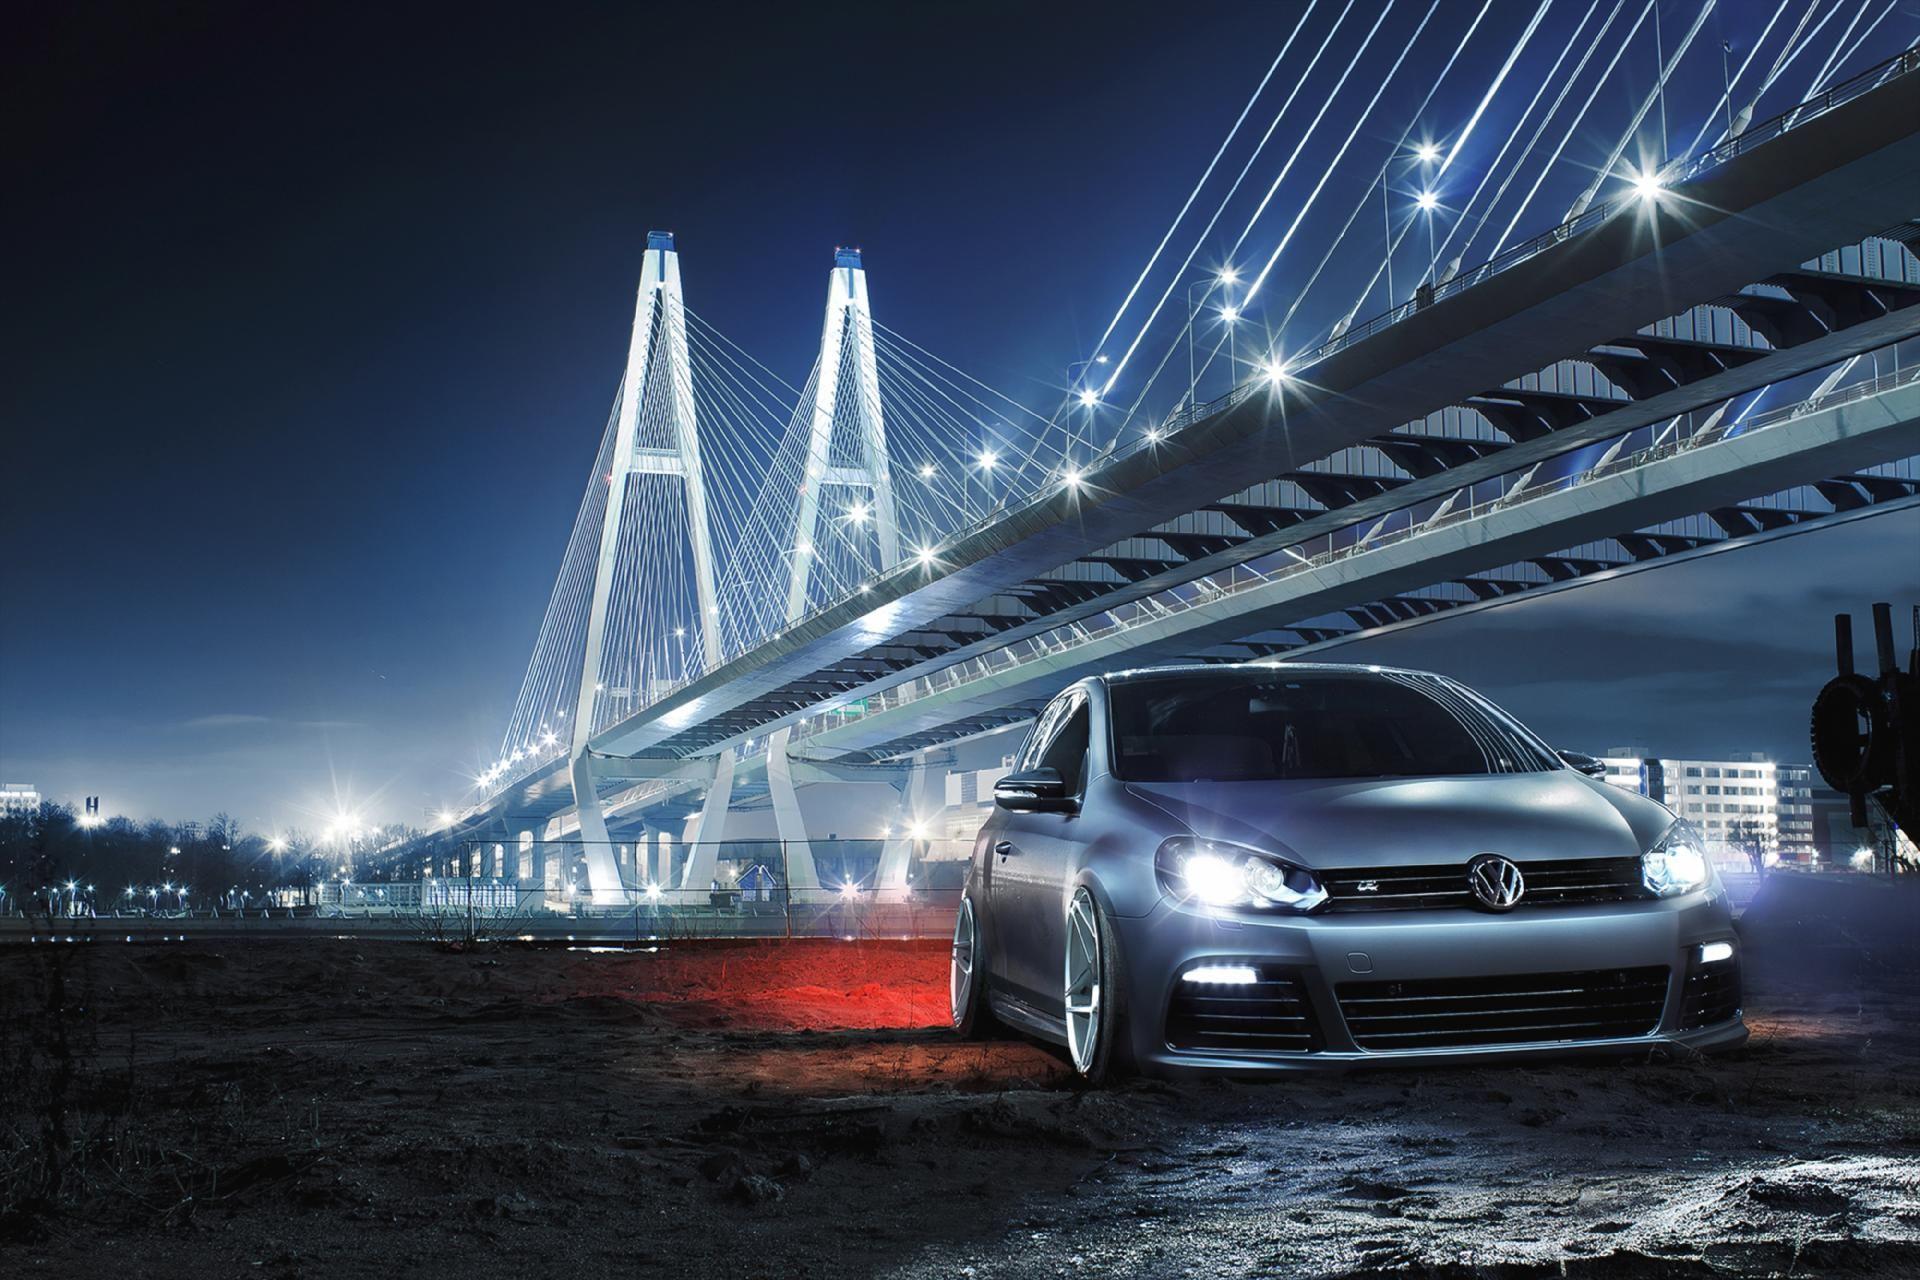 Front Car Night Bridge Volkswagen Golf R Low Car Culture Bay Bridge Volkswagen Golf R Wallpaper black volkswagen car on bridge